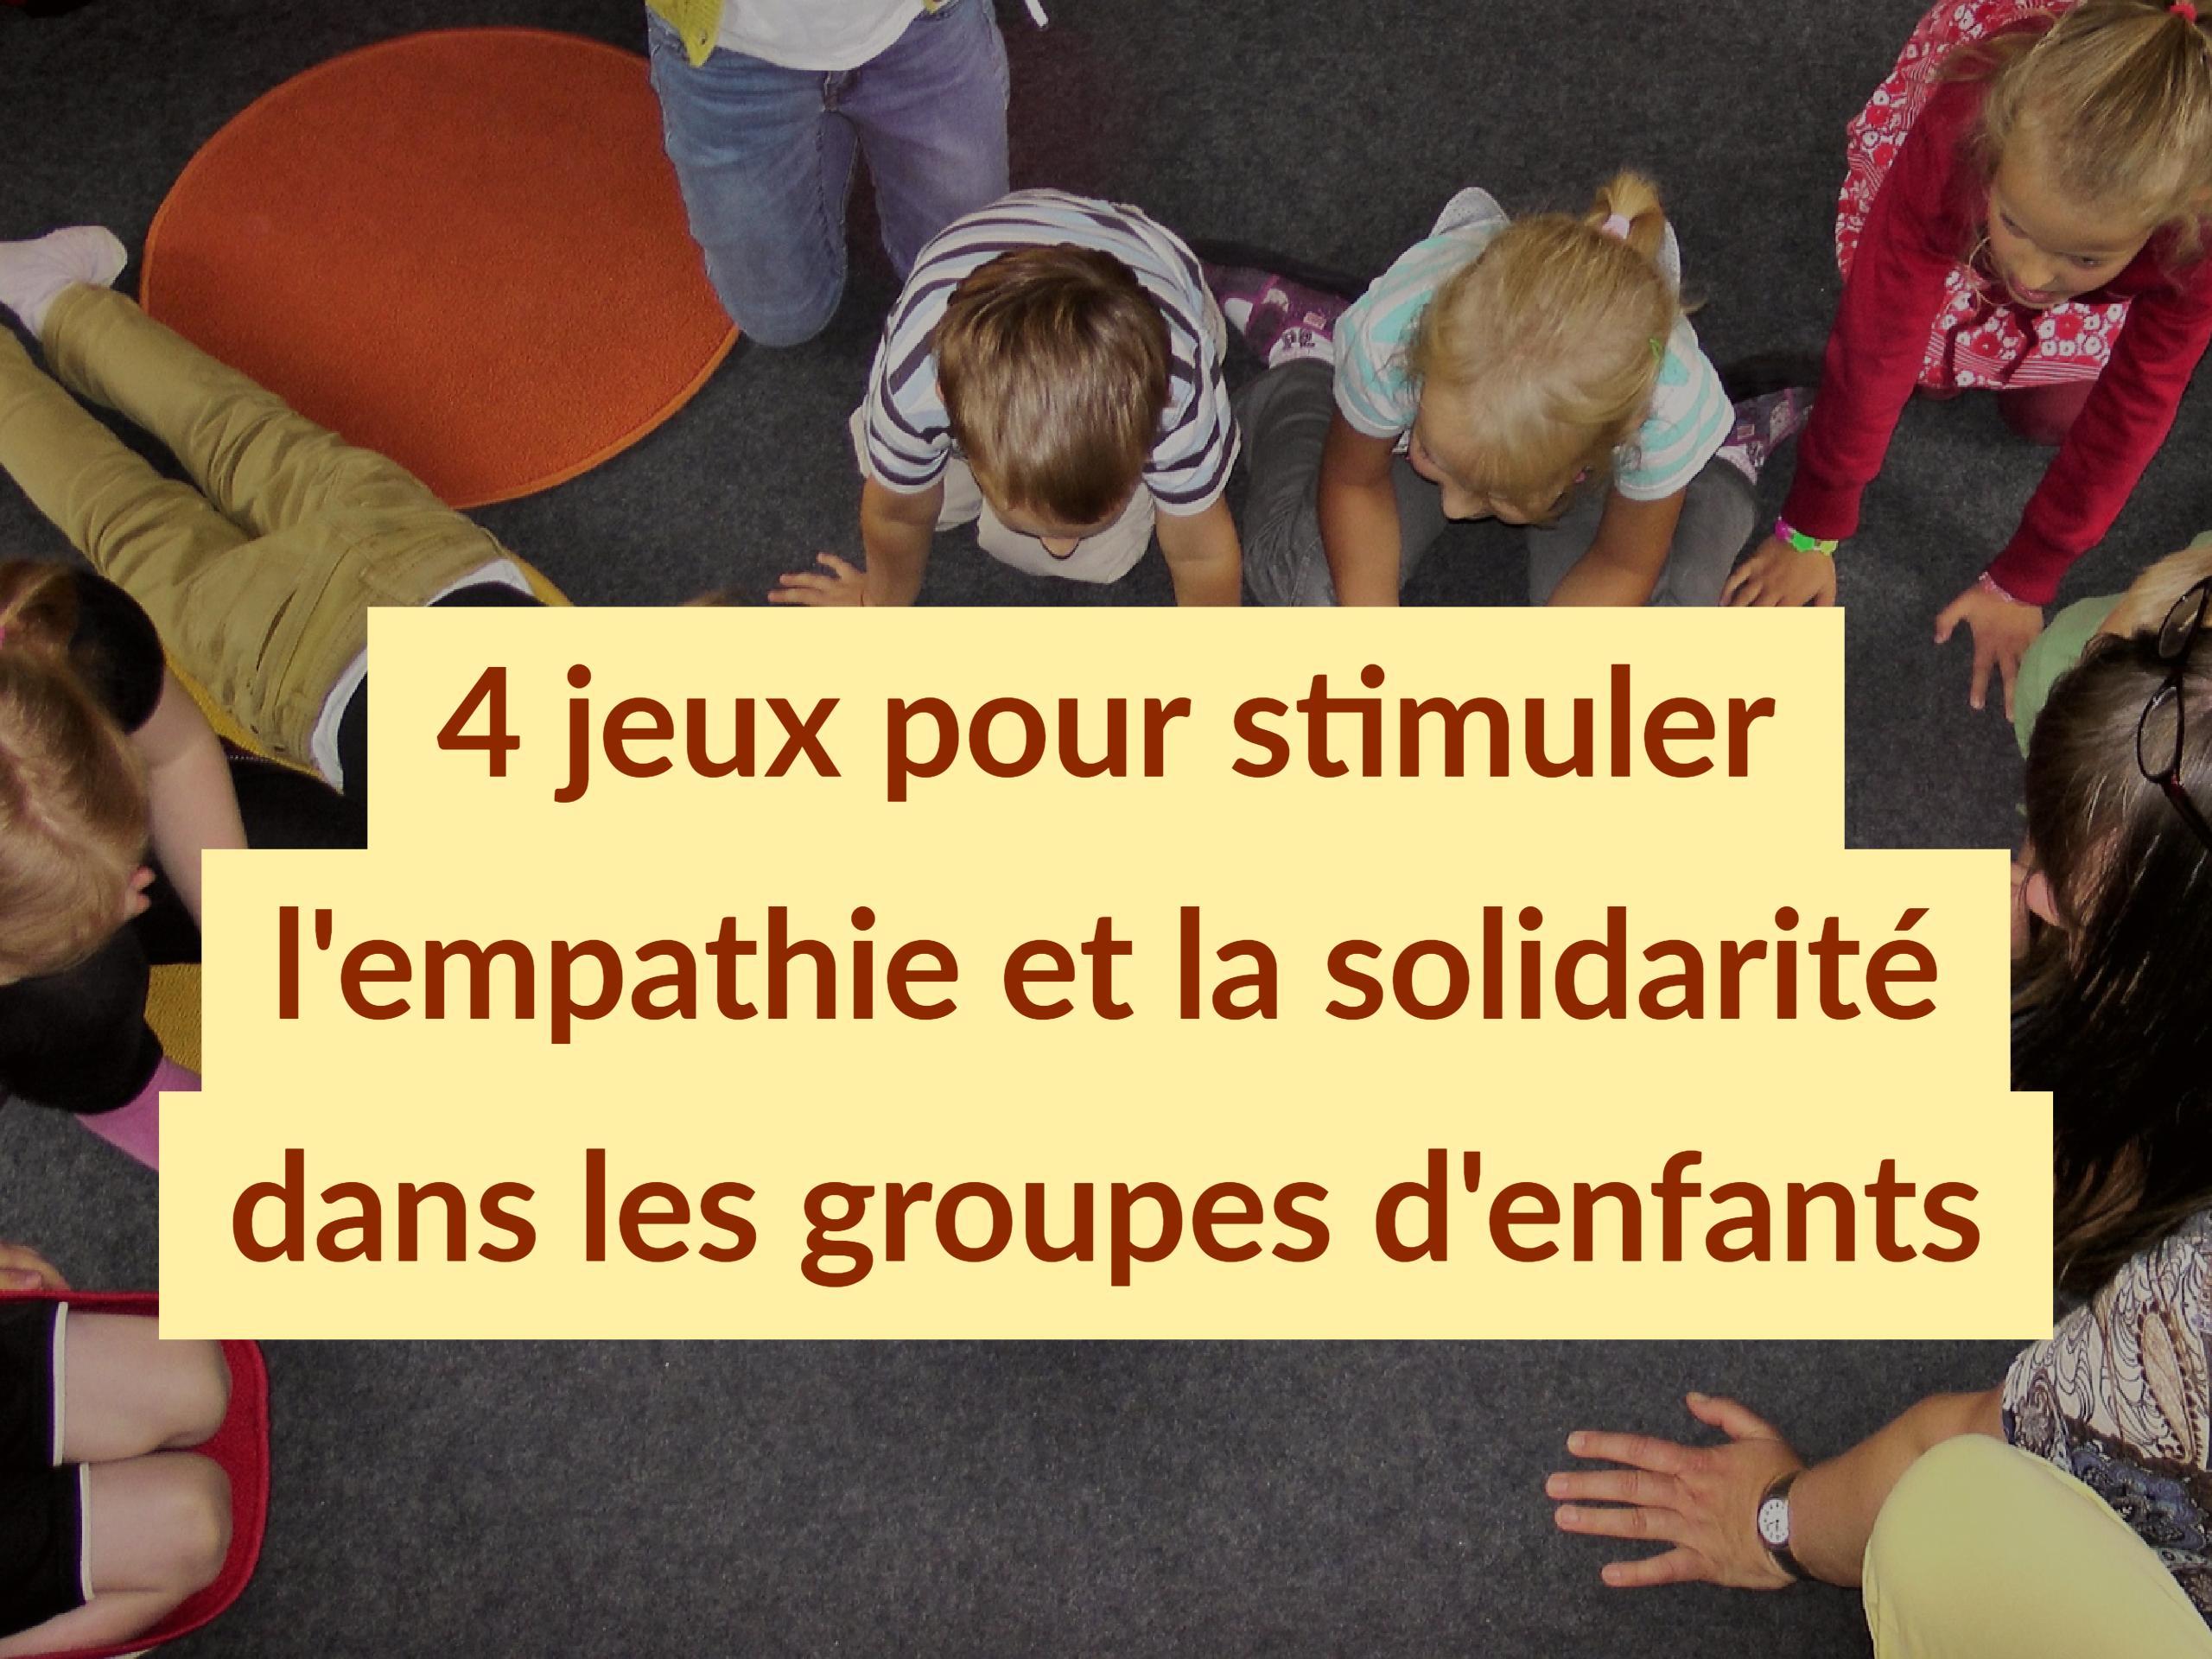 jeux pour stimuler l'empathie et la solidarité